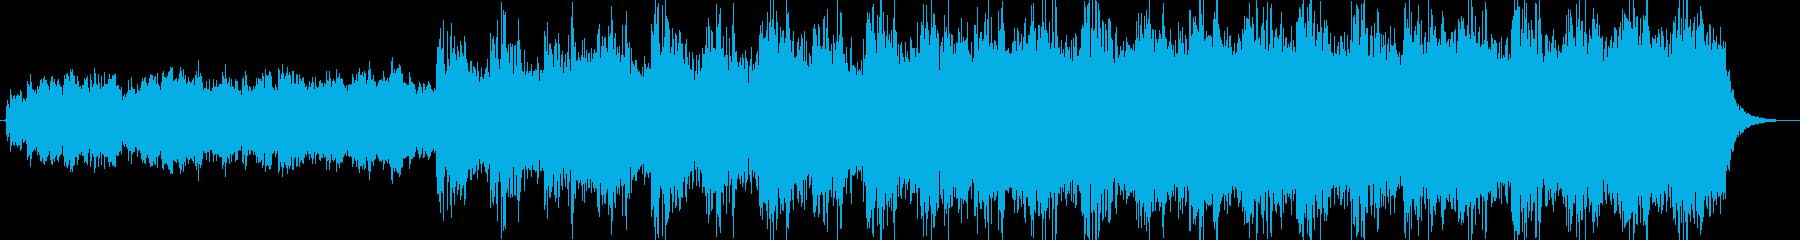 ハリウッド風ホラー映画オーケストラBGMの再生済みの波形